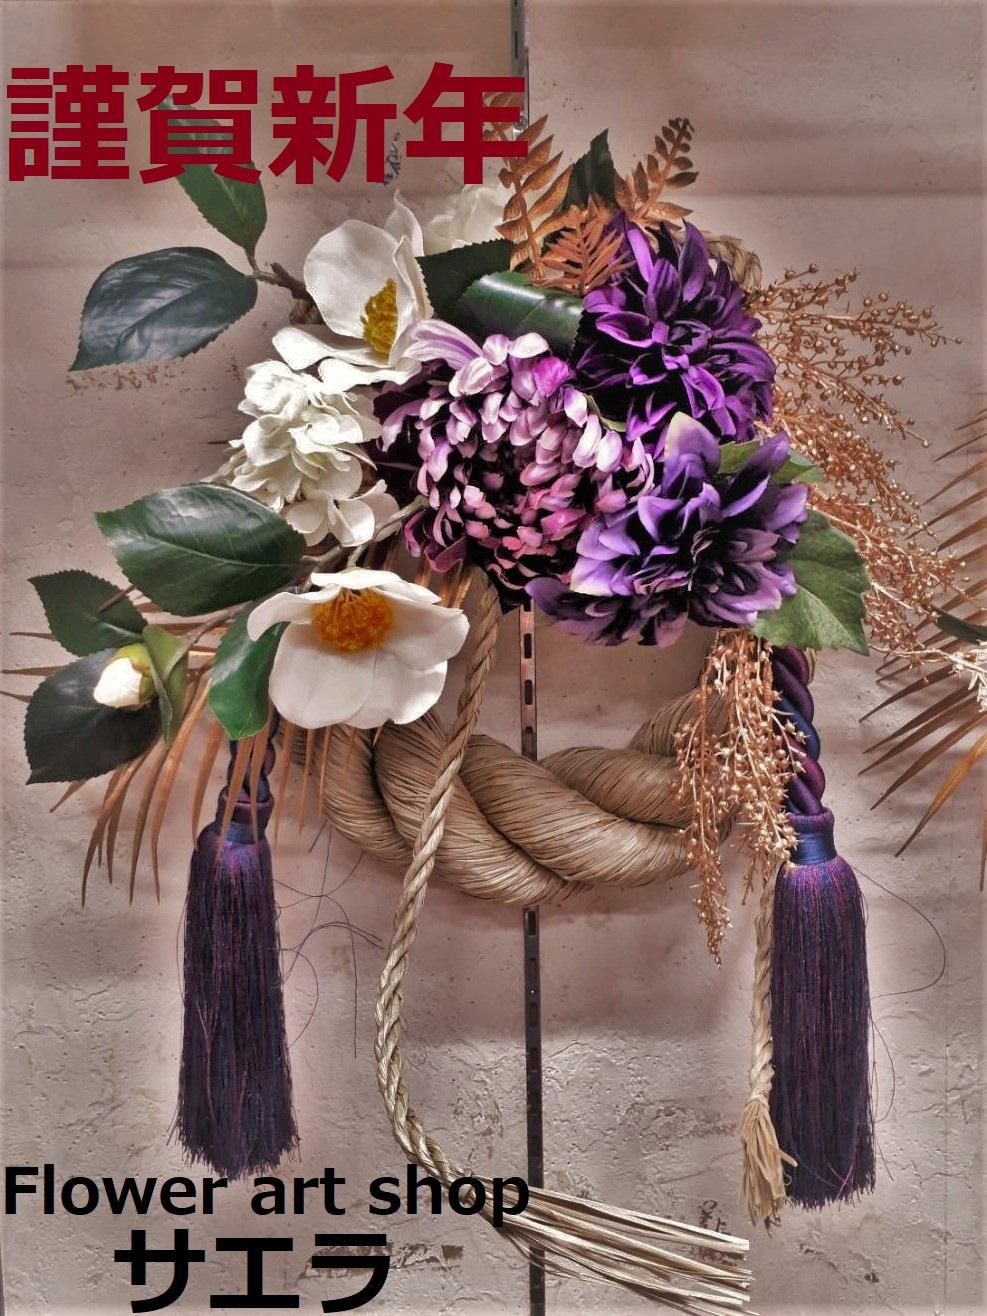 https://flower-saera.com/news/IMG_49835.JPG